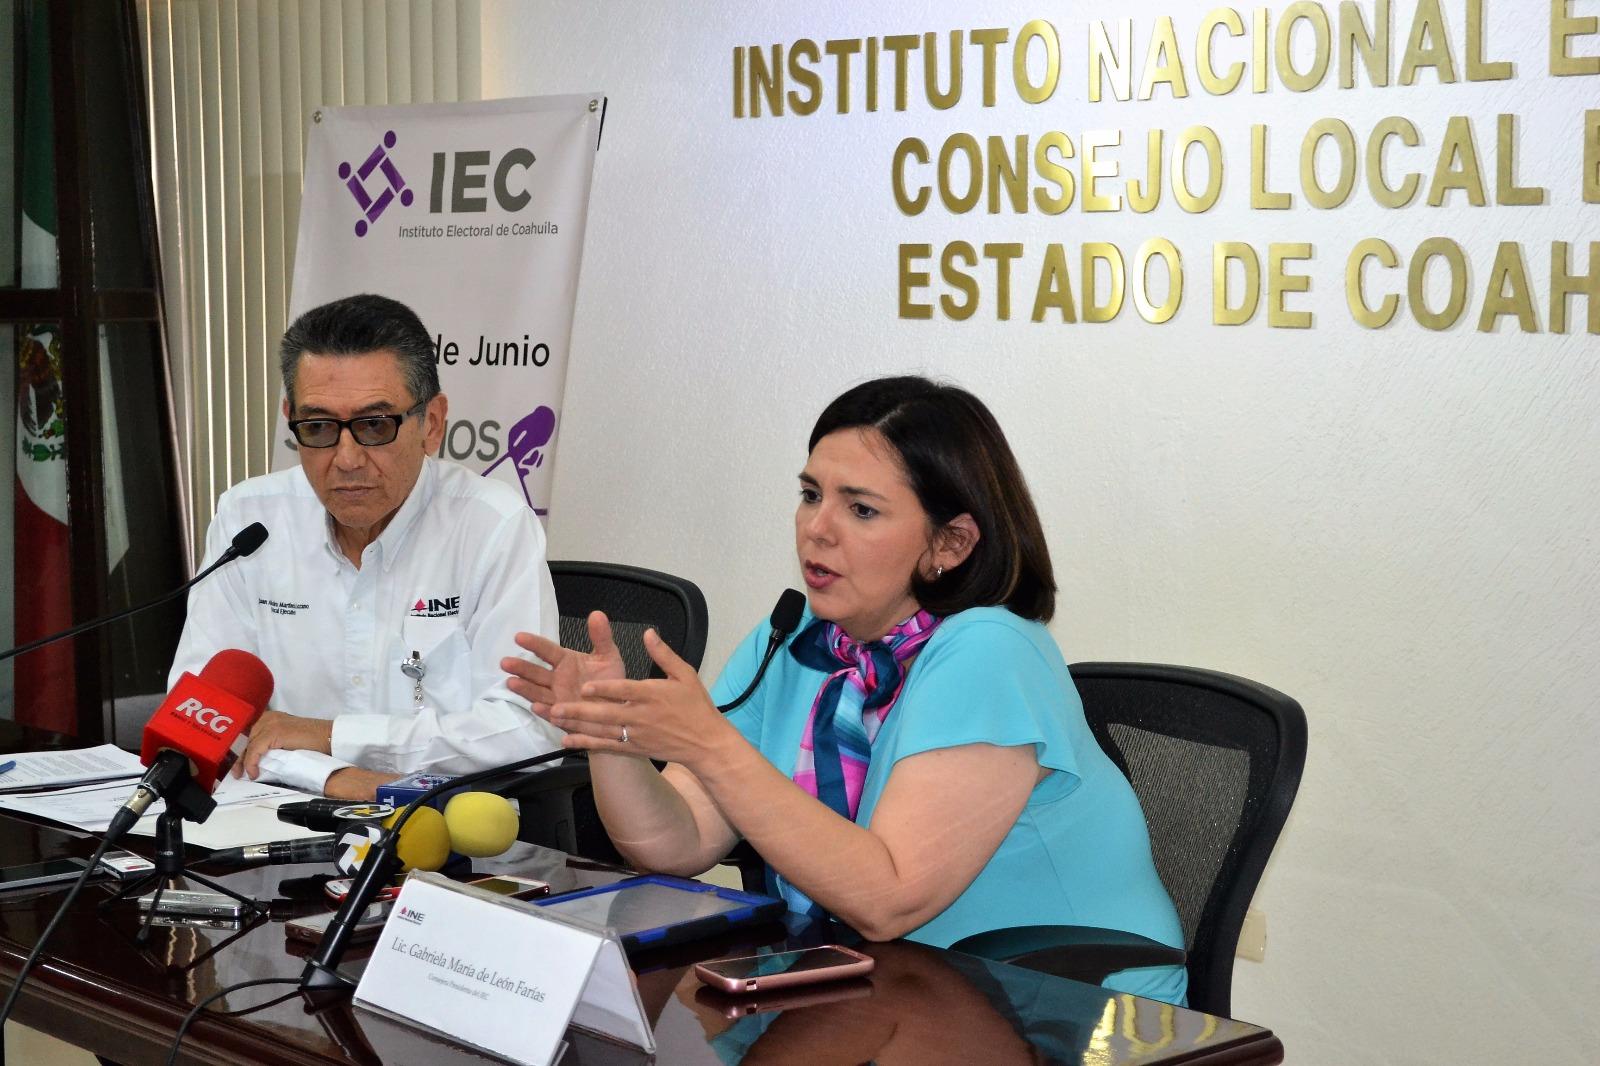 Llegan 4 millones 265290 boletas electorales a Coahuila